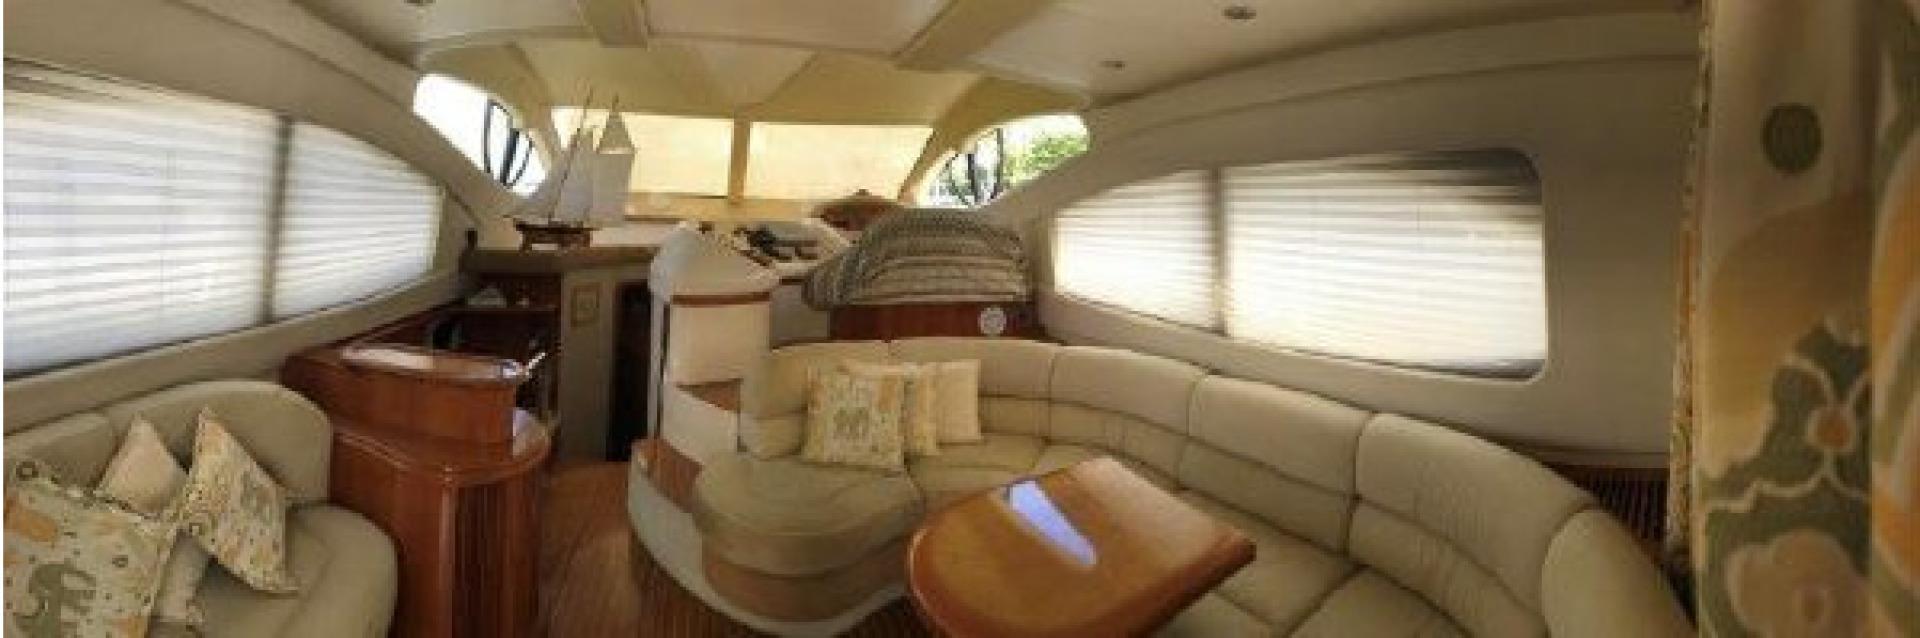 Azimut-Flybridge Motor Yacht 2000 -Boca Raton-Florida-United States-1564054 | Thumbnail